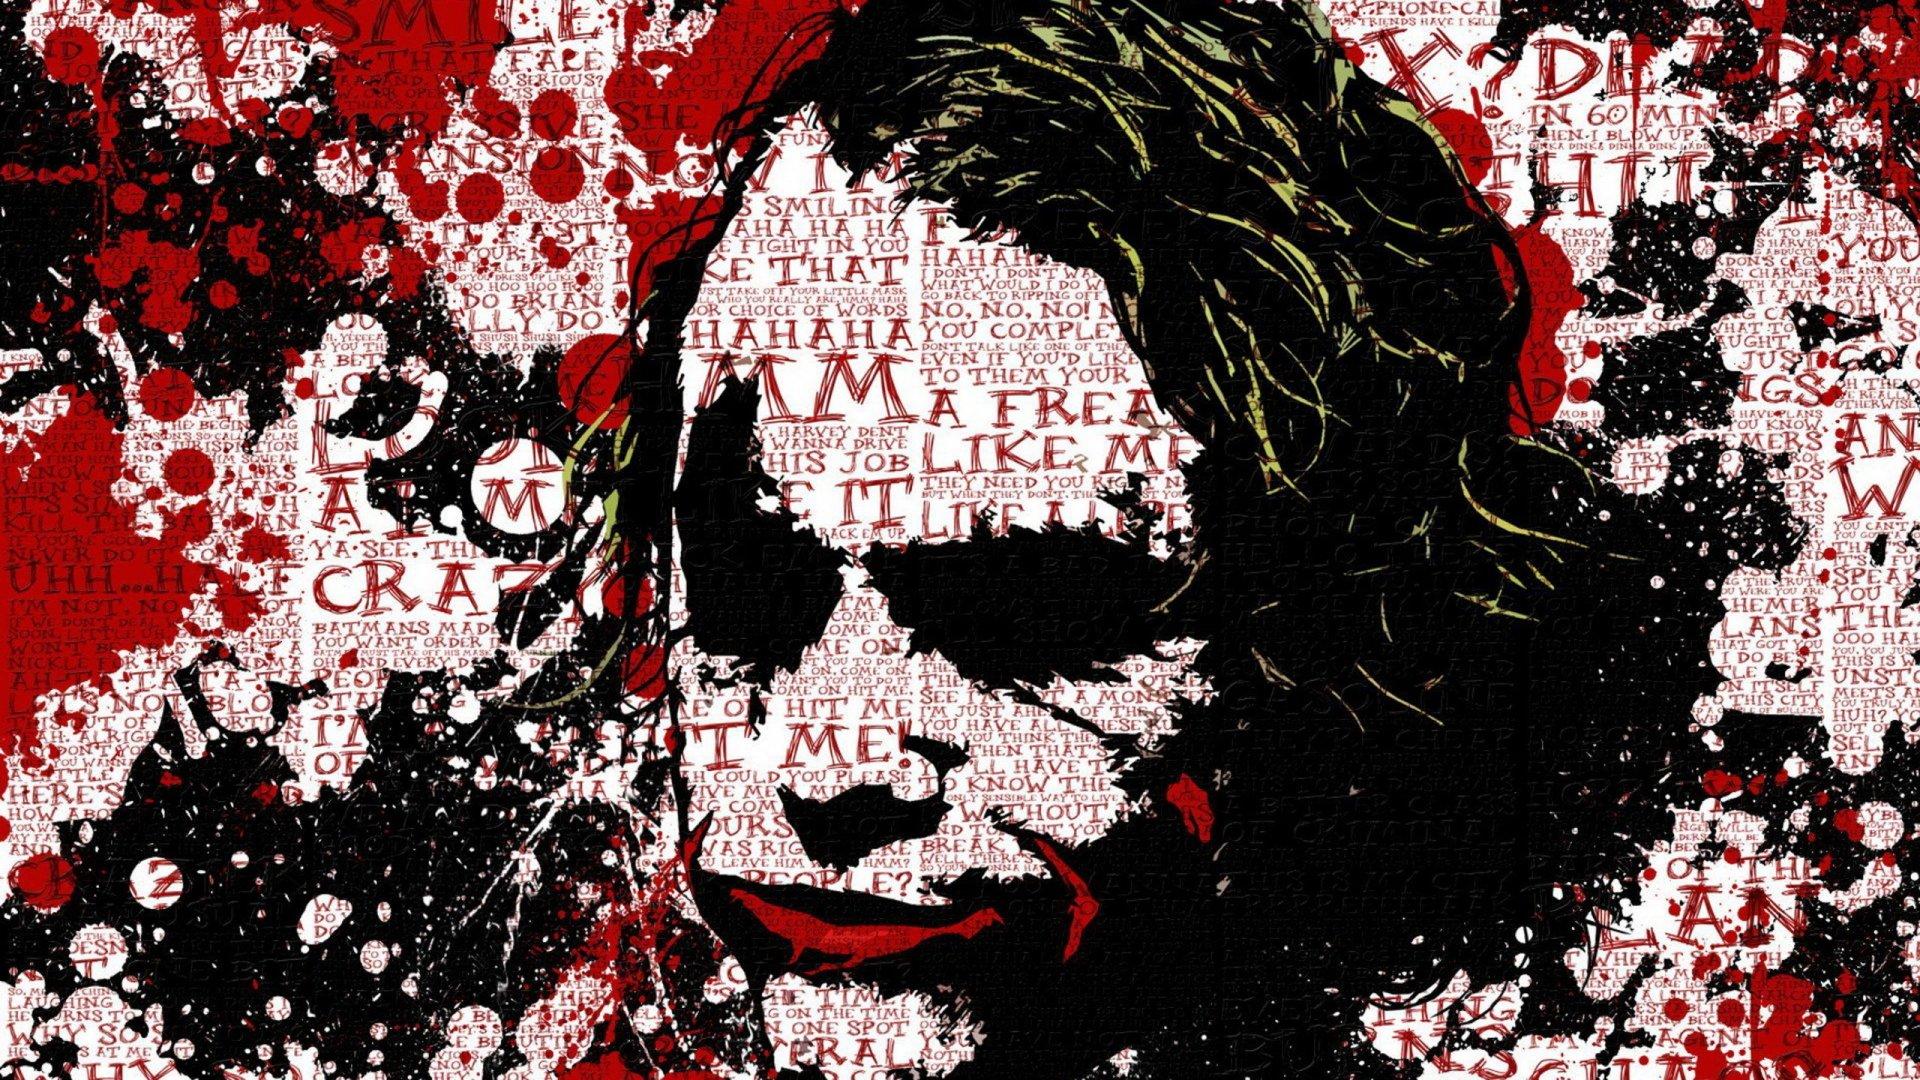 Joker Wallpaper Iphone Joker Full Hd Fondo De Pantalla And Fondo De Escritorio